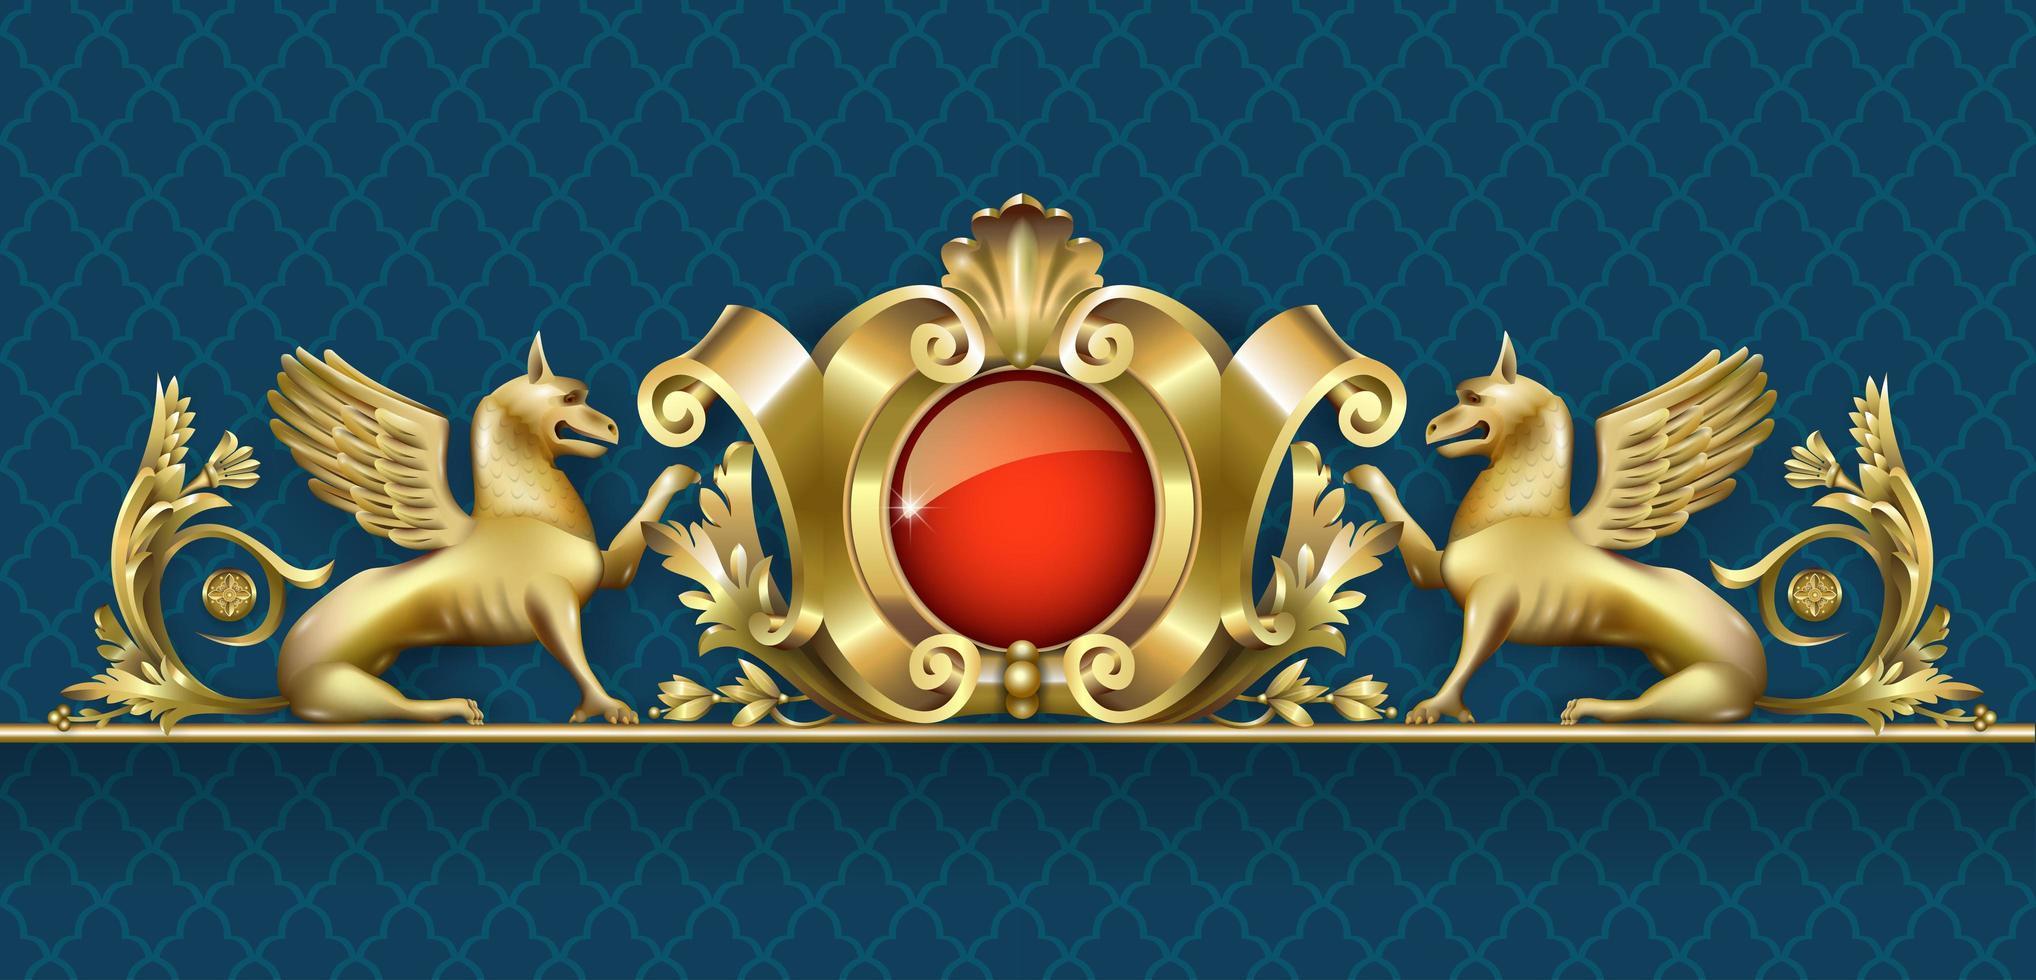 alto relieve dorado con grifo y joya roja vector